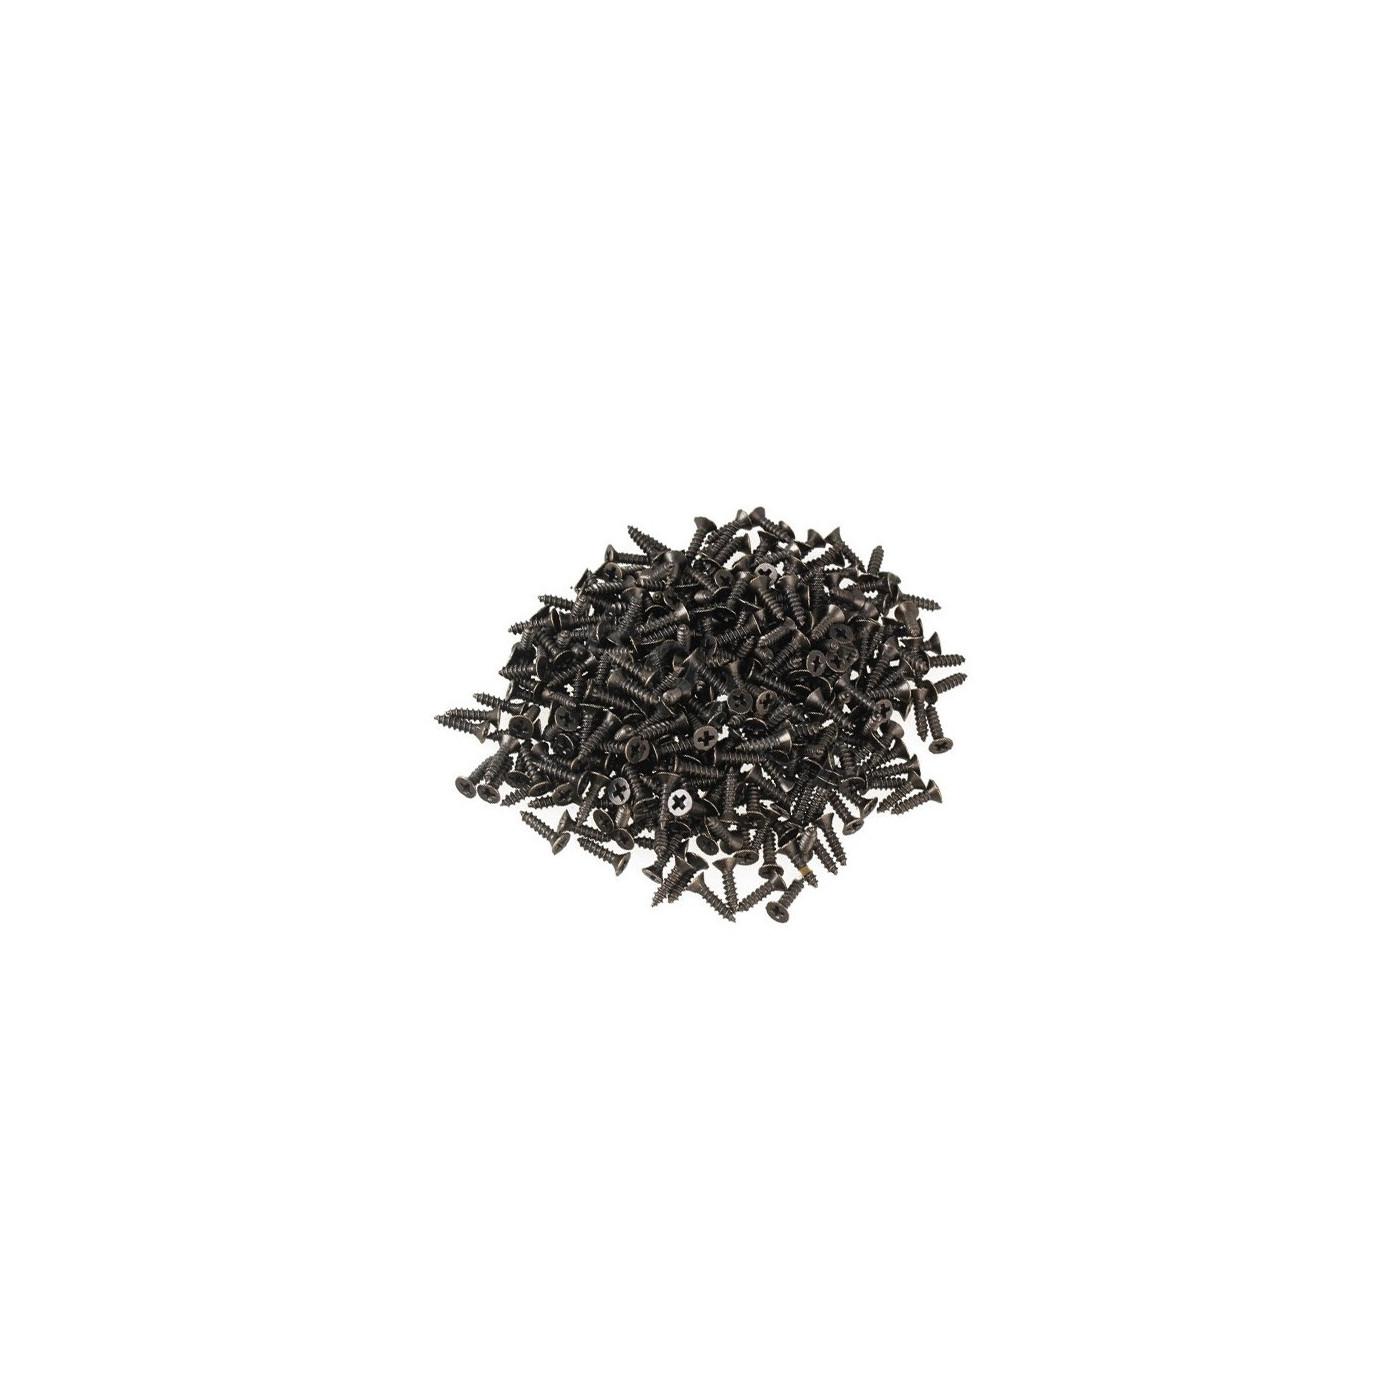 Set van 300 kleine schroefjes (3.0x12 mm, verzonken, bronskleur)  - 1